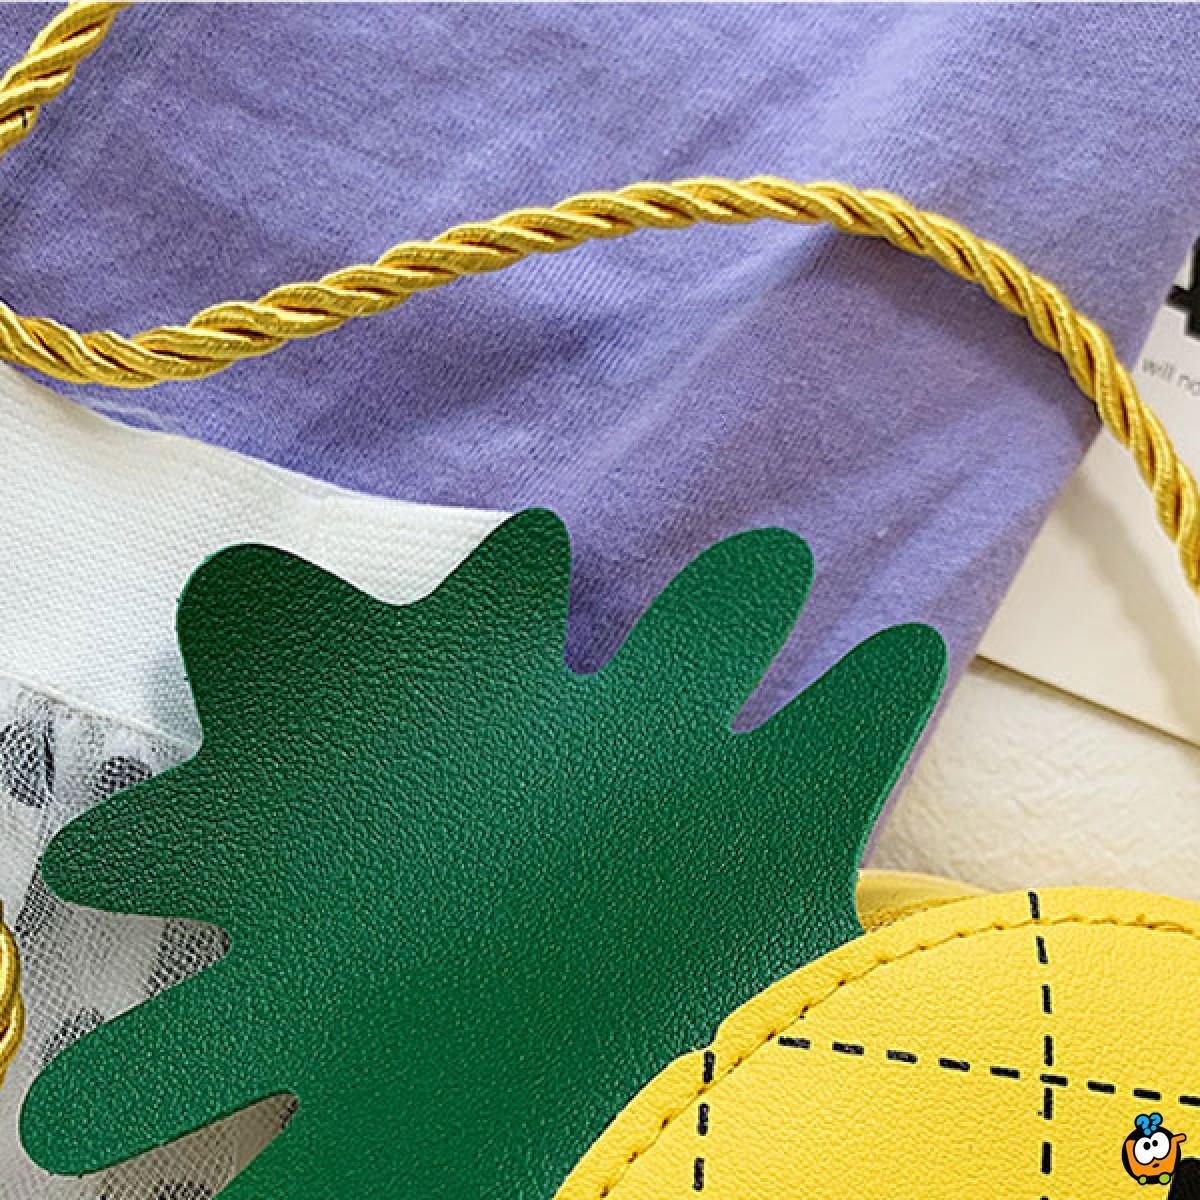 Pineapple Bag - Dečija torbica u obliku ananasa